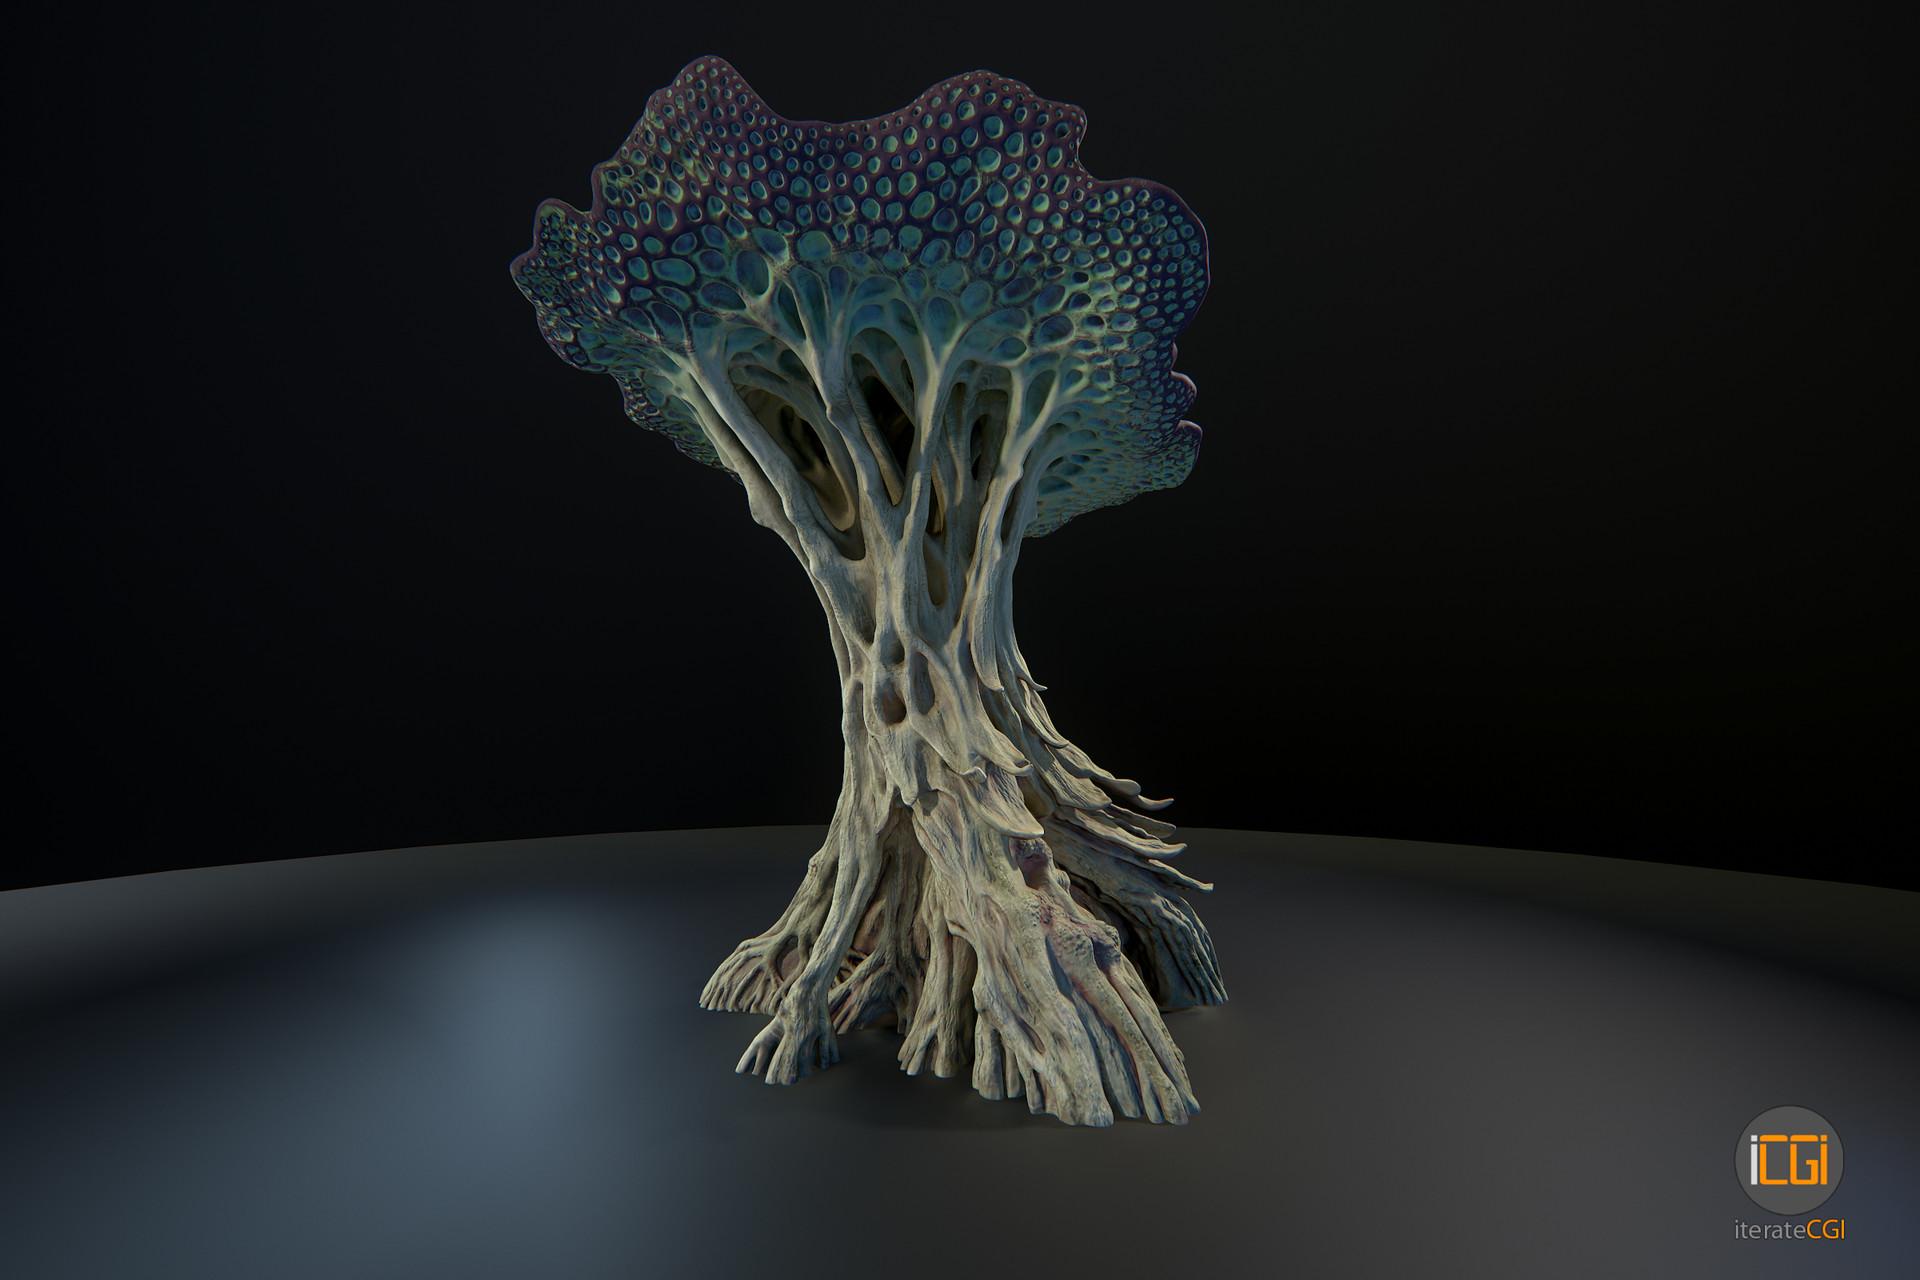 Johan de leenheer alien plant mushroom type2 5